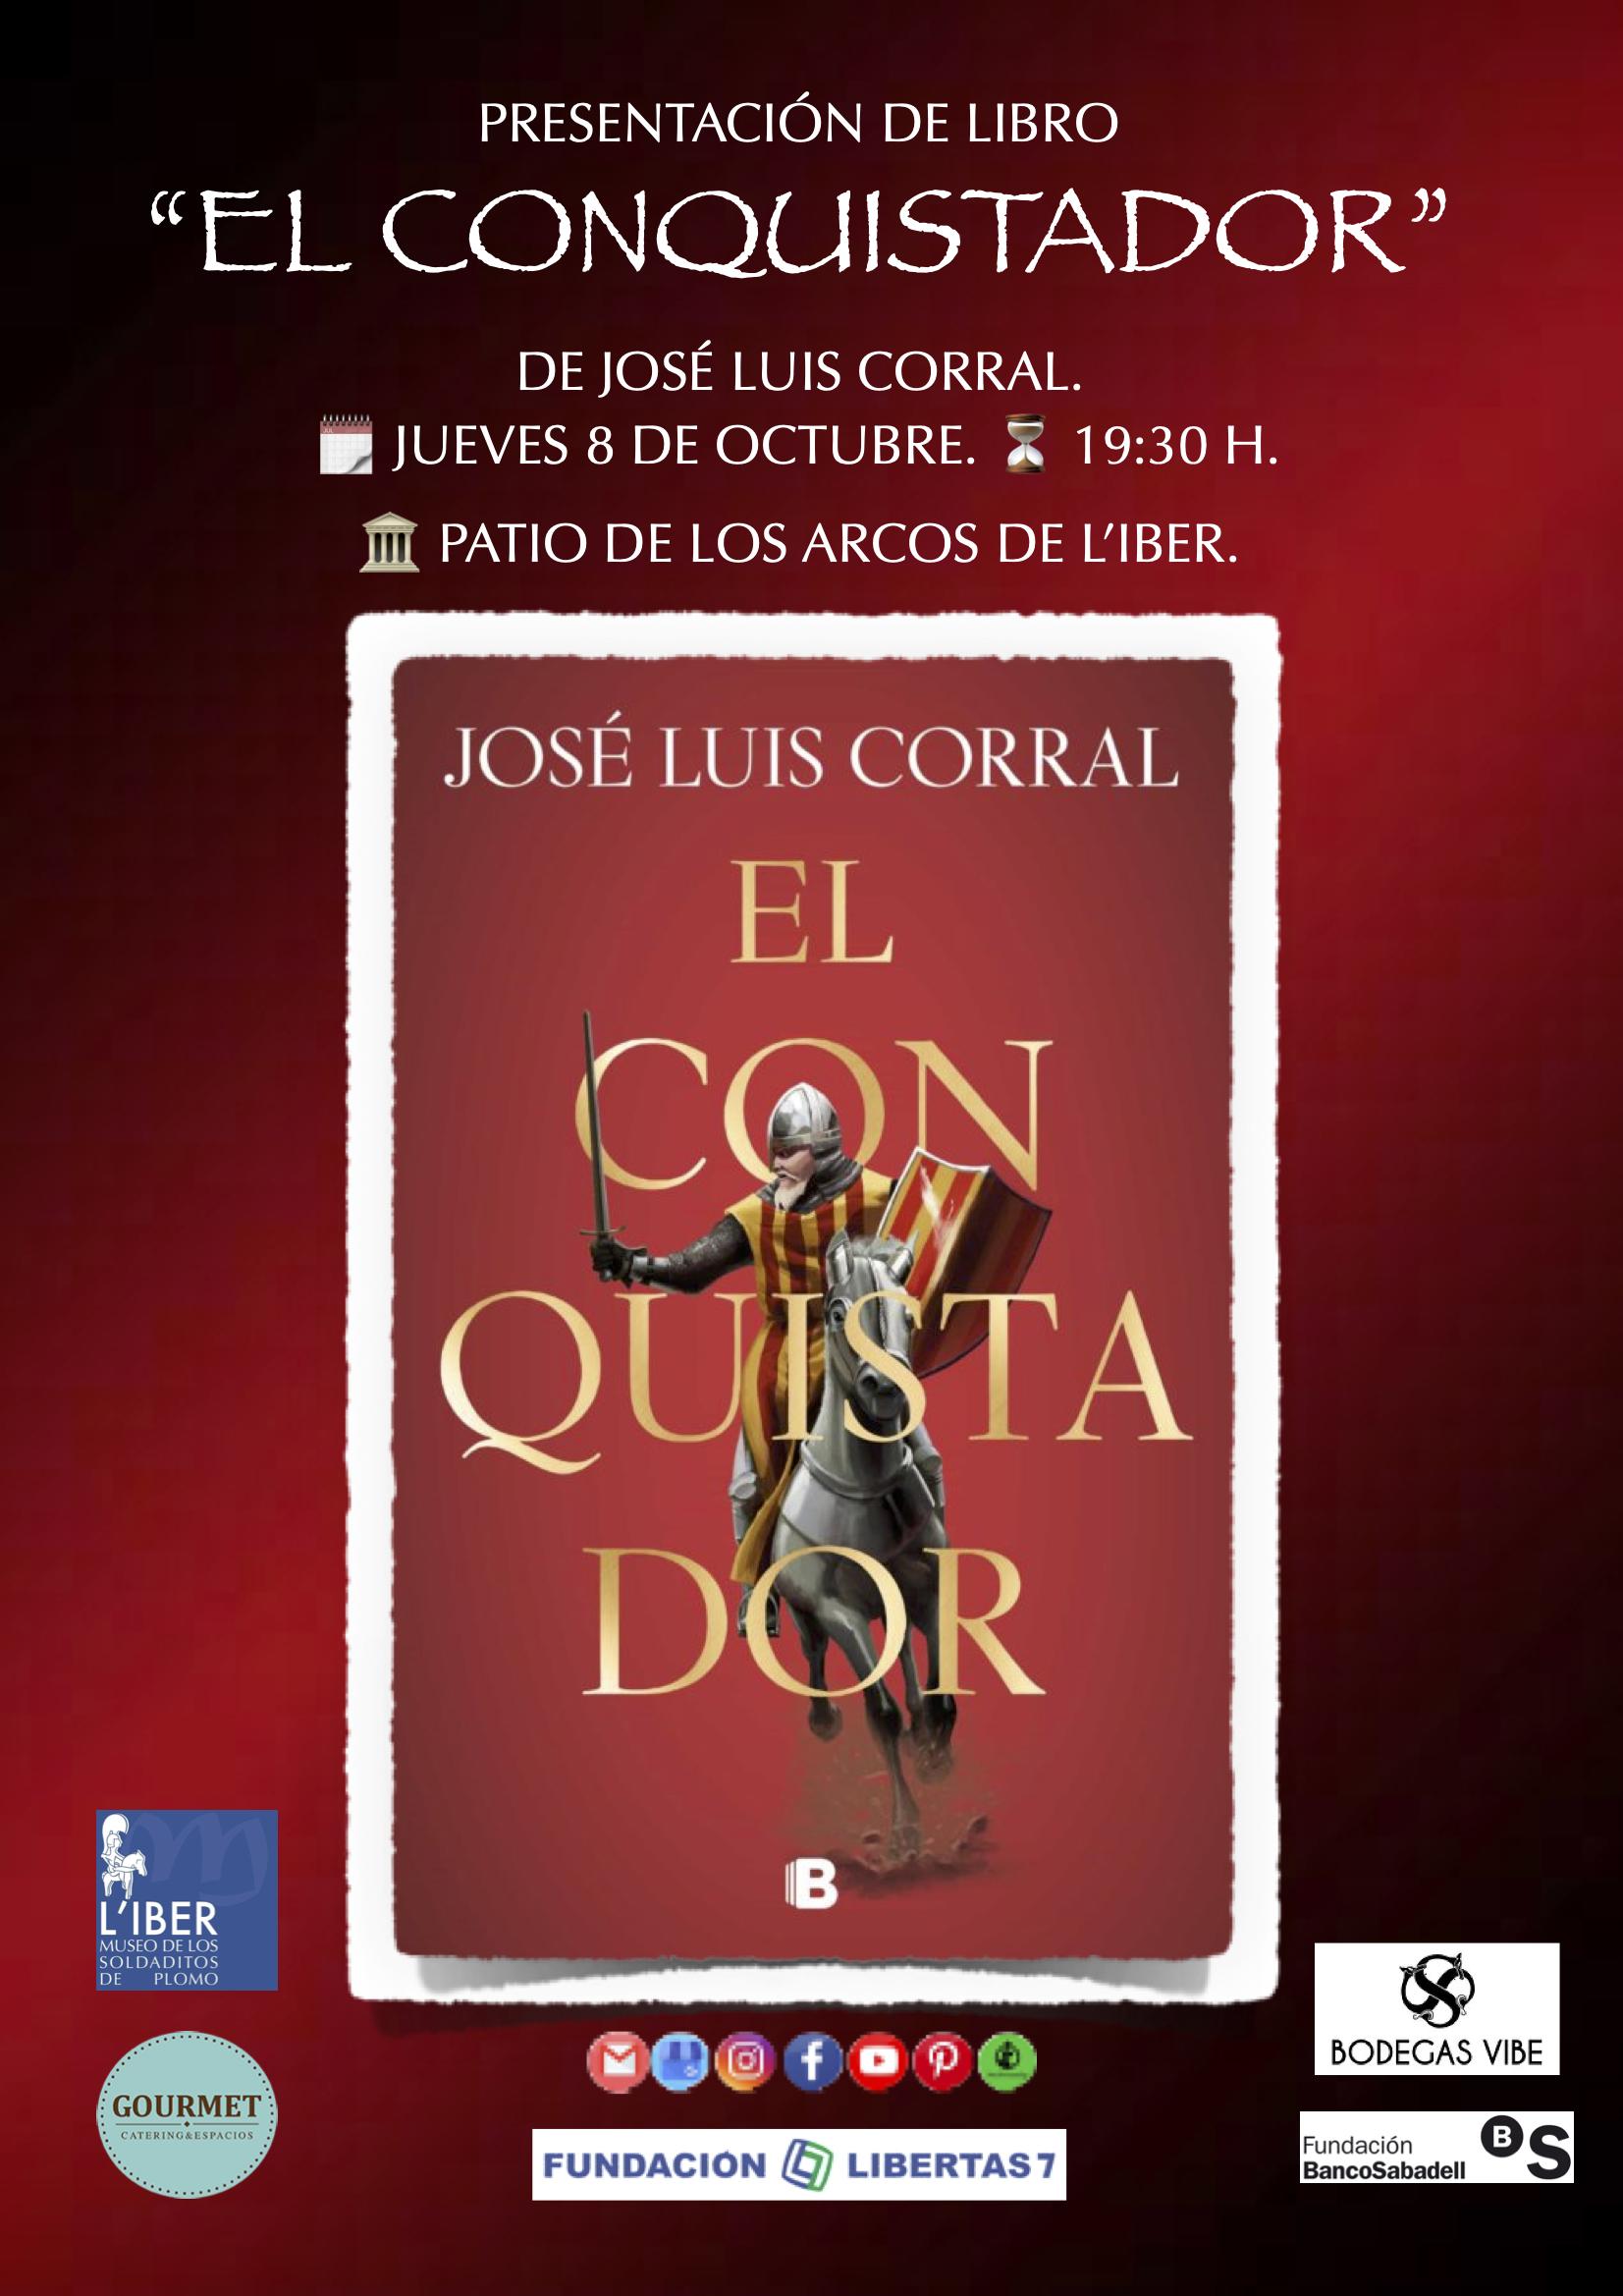 """Presentación de libro """"El Conquistador"""" de José Luis Corral."""